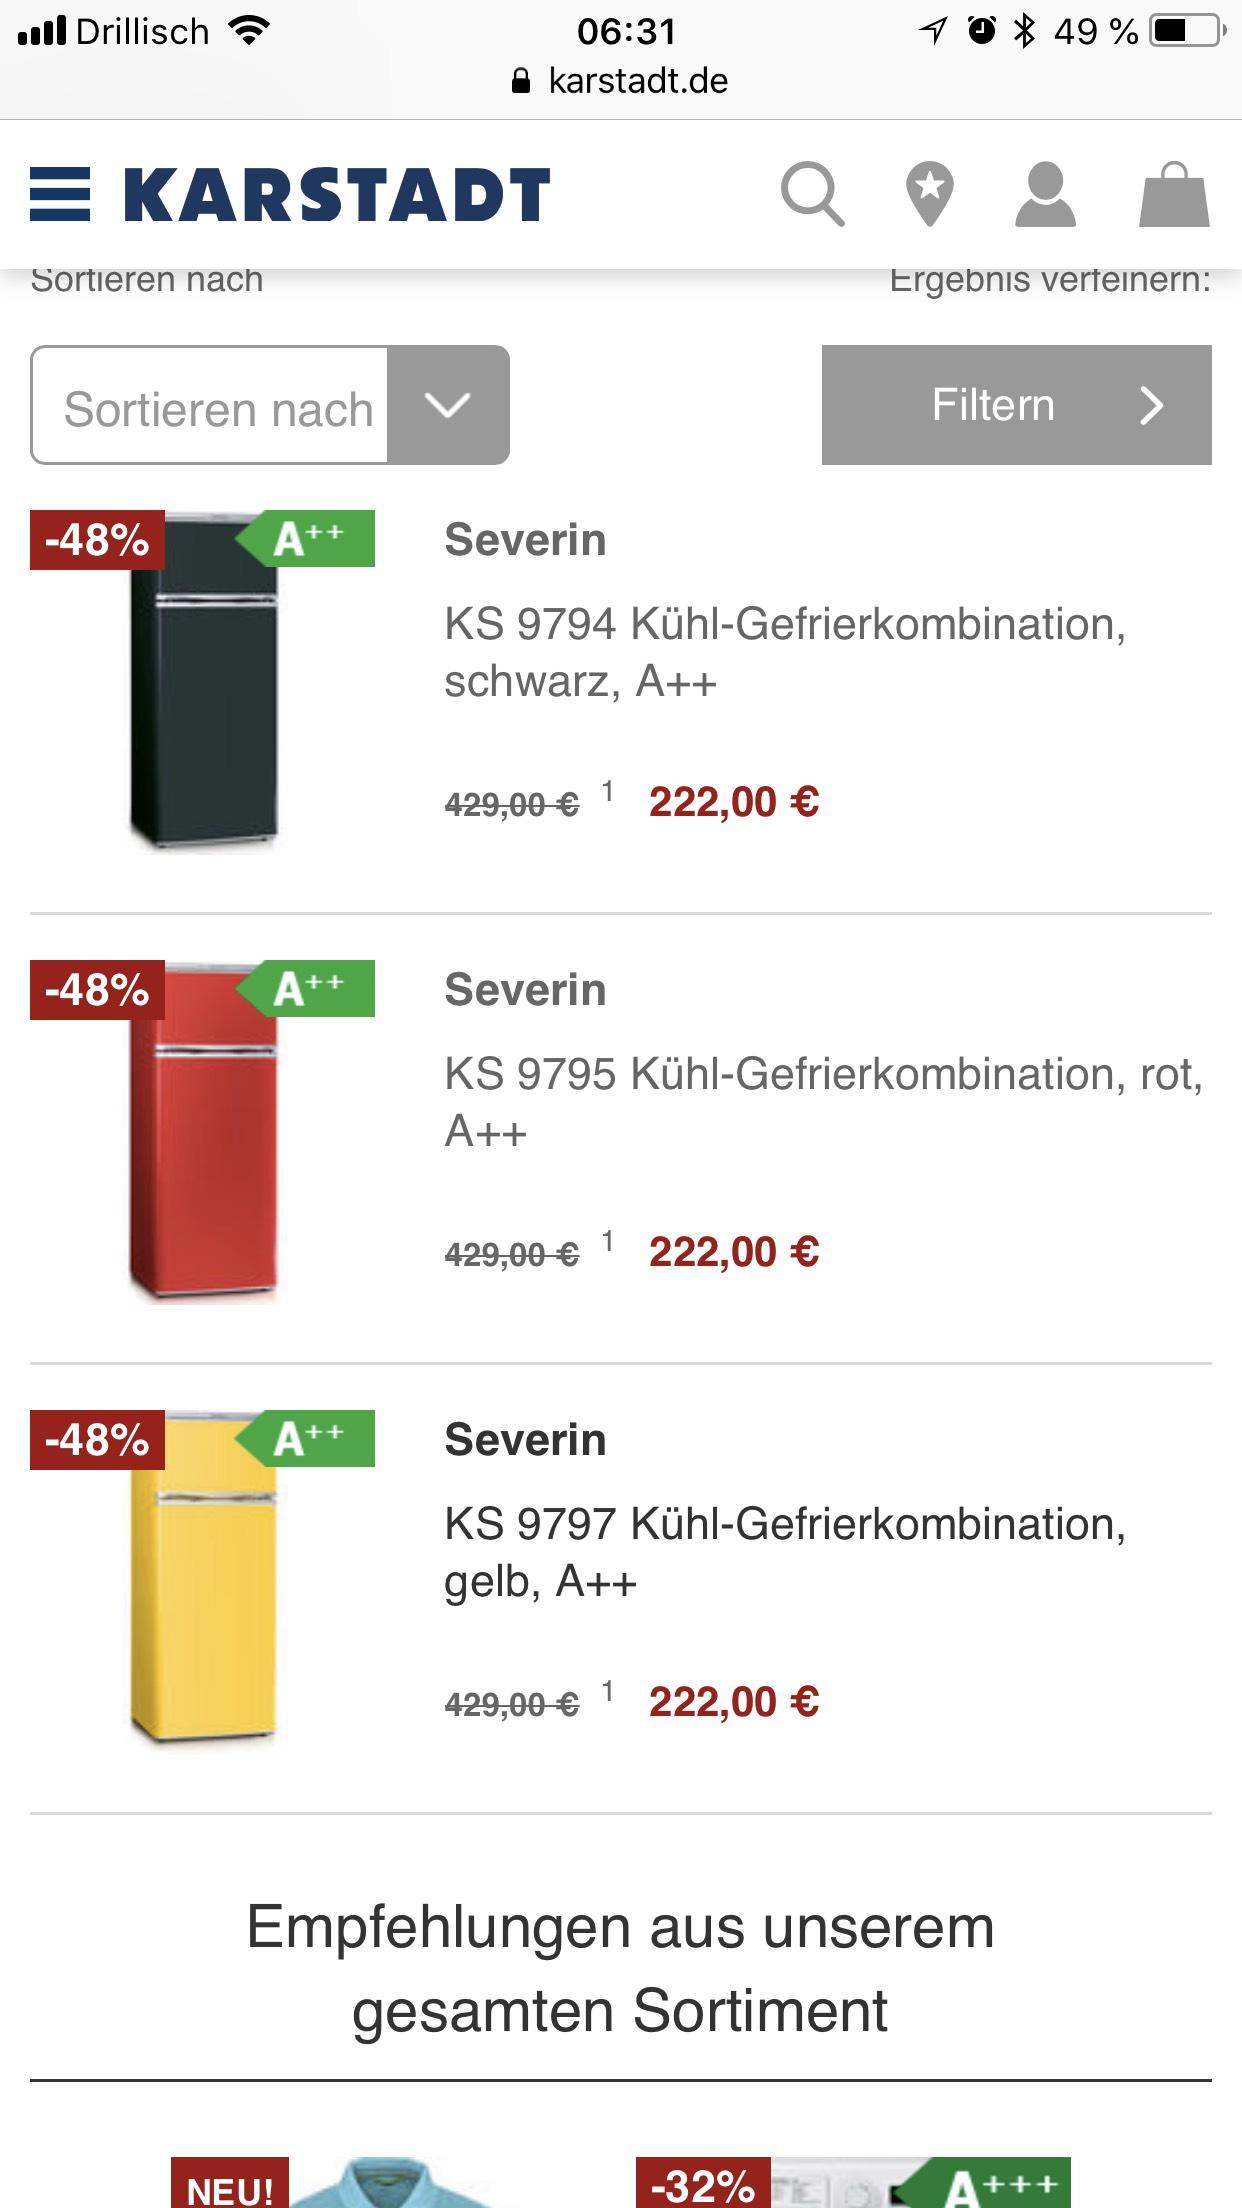 Karstadt Severin Kühlschrank KS 9795 9794 9797